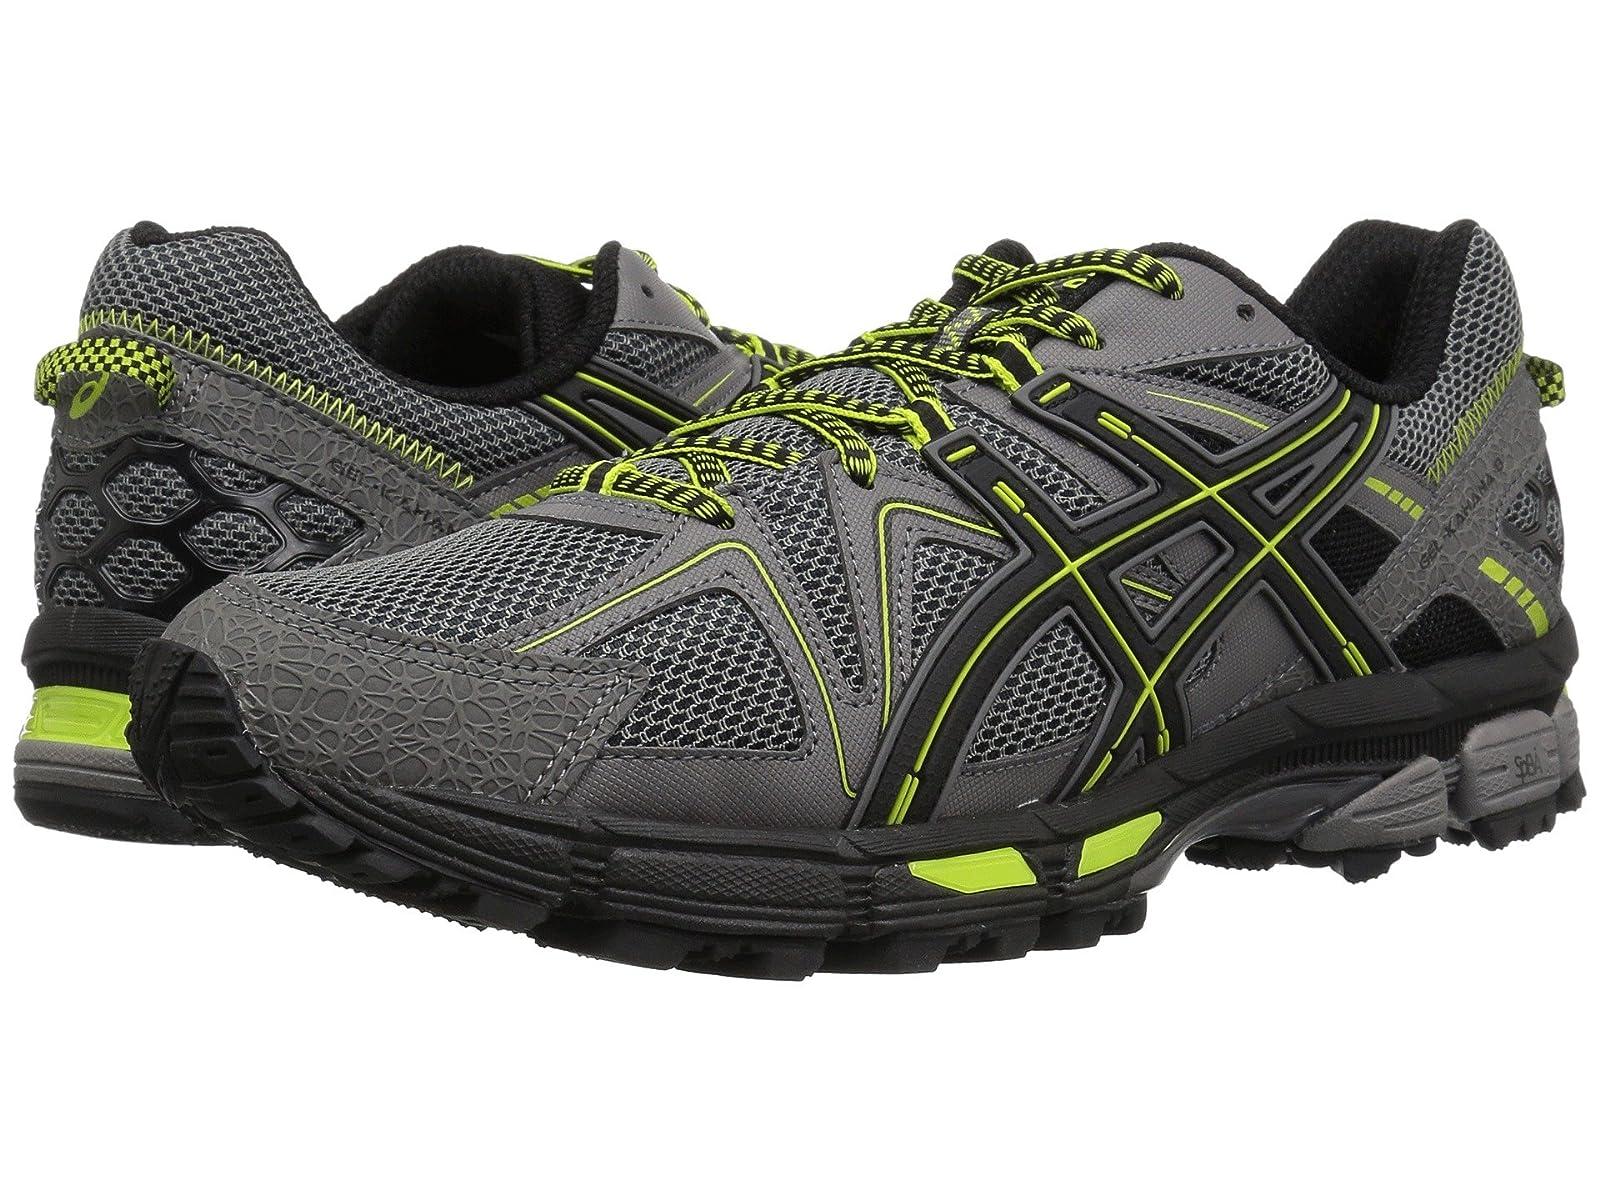 ASICS Gel-Kahana® 8Atmospheric grades have affordable shoes